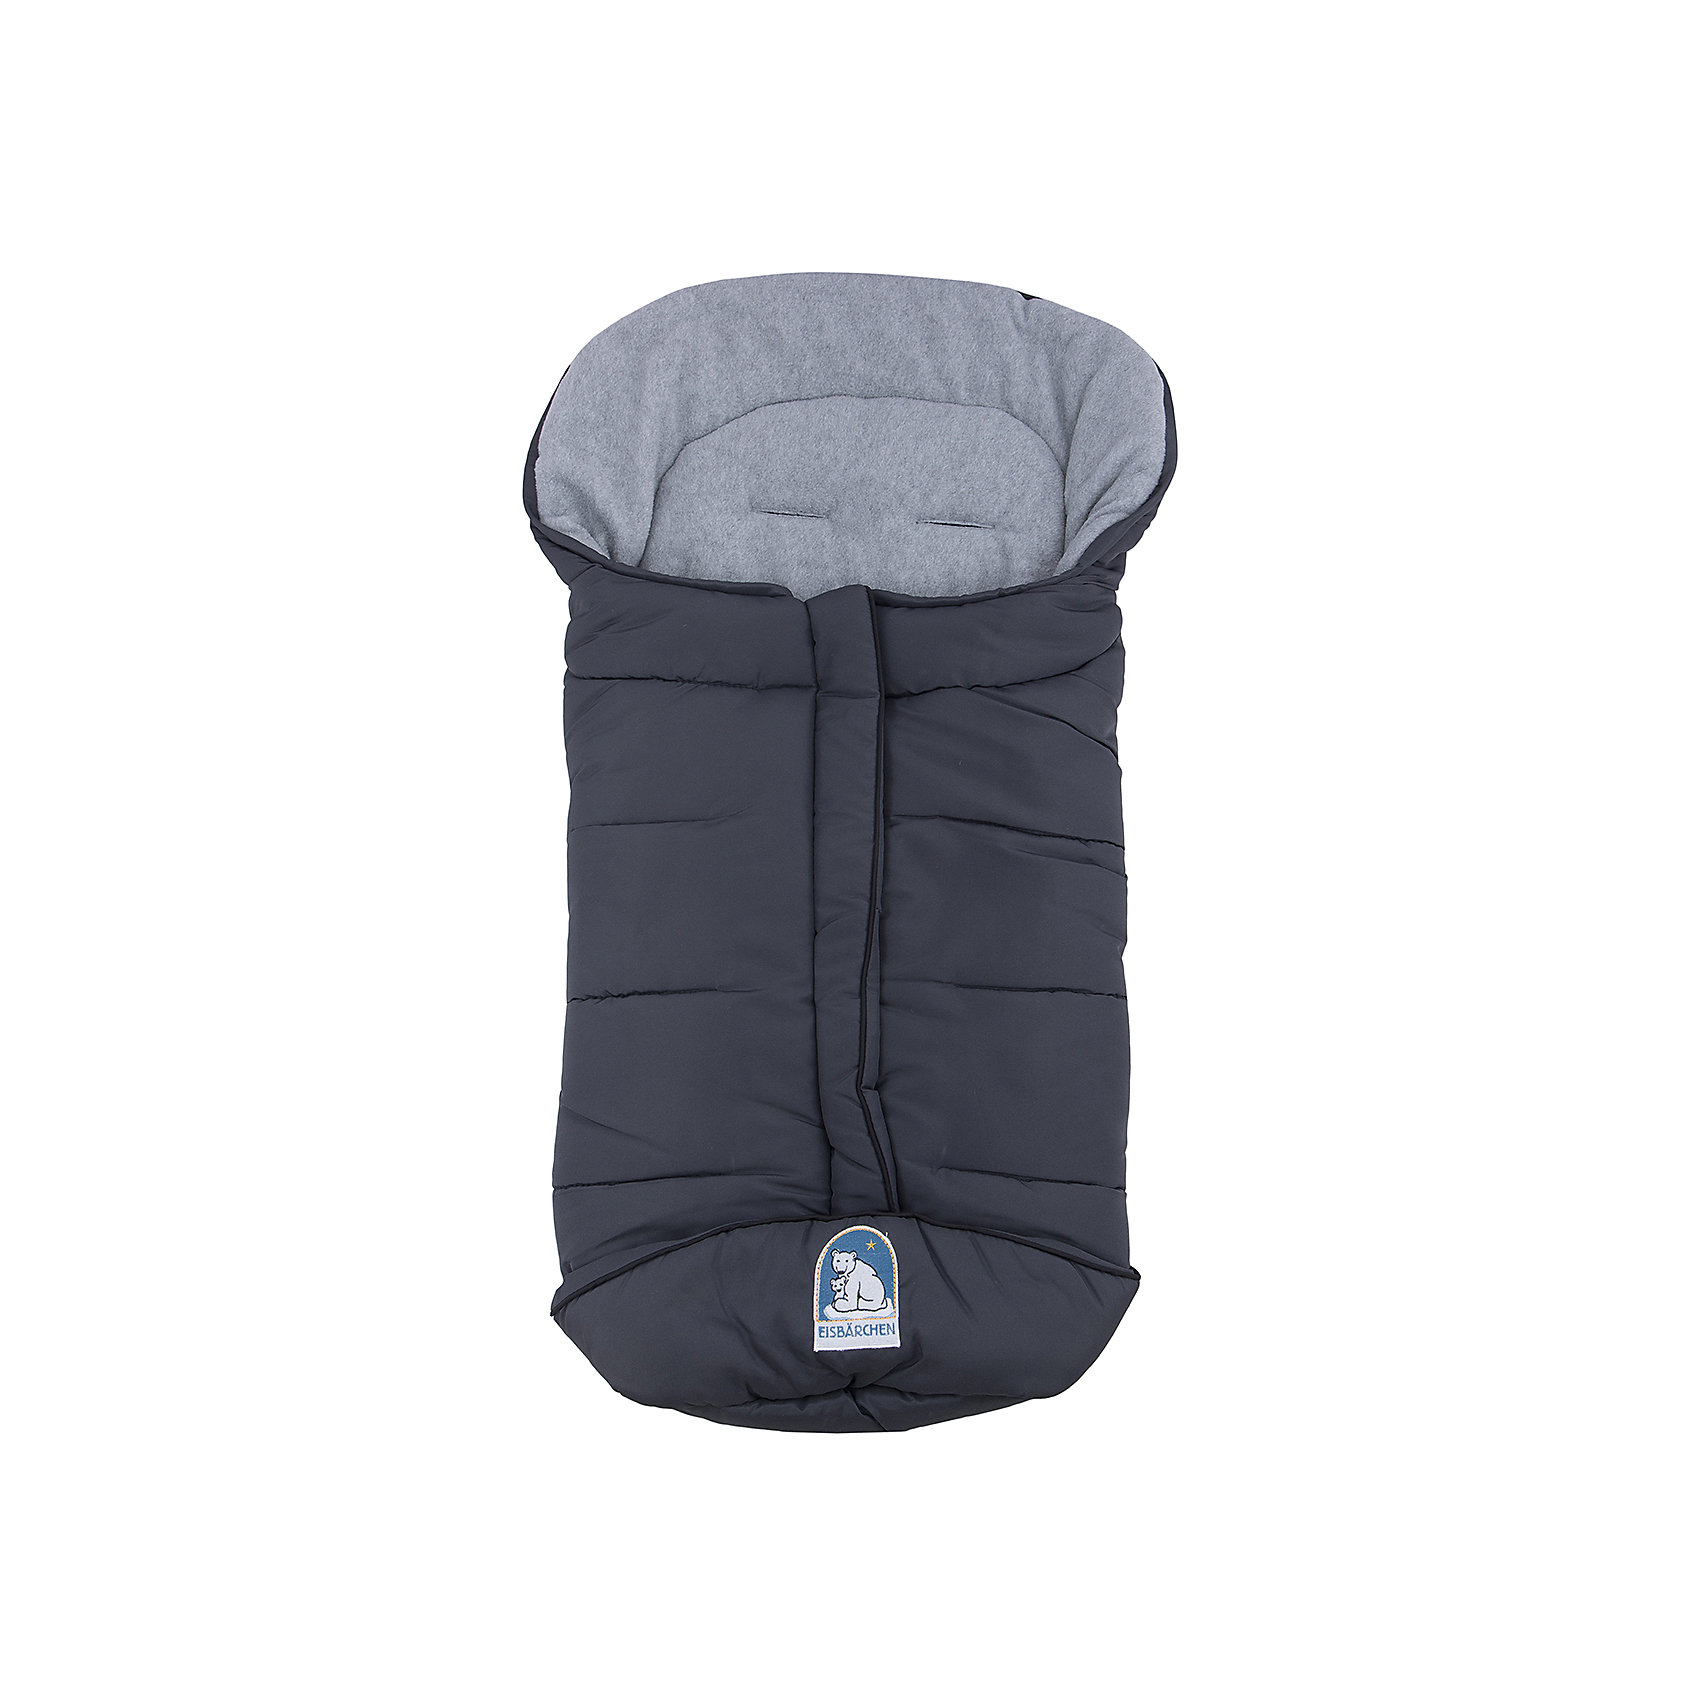 Конверт 7965 GR, Heitmann Felle, серыйКонверт Heitmann Felle изготовлен из флиса и отлично подойдет для прогулок. Теплый конверт надежно защитит малыша от холода и ветра. Конверт застегивает на молнию по центру и удобно раскладывается в одеяльце. Оснащен прорезями для пятиточечных ремней безопасности и полосой-отражателем. С этим конвертом ваша кроха будет гулять с комфортом и в безопасности!<br><br>Дополнительная информация:<br>-магнитная кнопка<br>-можно использовать как одеяльце<br>-прорези для 5-точечных ремней безопасности<br>-простегано<br>-можно стирать при температуре 30 градусов<br><br>Материал: 100% полиэстер. Подкладка: 80% полиэстер, 20% вискоза<br>Размер: 80х40 см<br>Вес: 600 грамм<br>Цвет: серый<br>Конверт Heitmann Felle можно купить в нашем интернет-магазине.<br><br>Ширина мм: 900<br>Глубина мм: 450<br>Высота мм: 50<br>Вес г: 2000<br>Возраст от месяцев: 0<br>Возраст до месяцев: 12<br>Пол: Унисекс<br>Возраст: Детский<br>SKU: 4977800